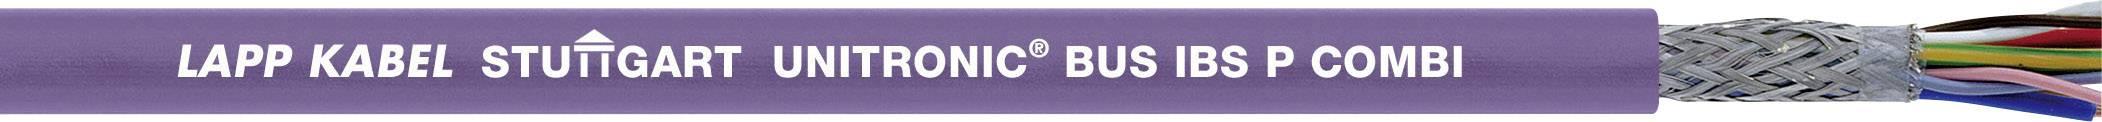 Zbernicový kábel LappKabel UNITRONIC® BUS 2170208, vnější Ø 7.90 mm, fialová, metrový tovar